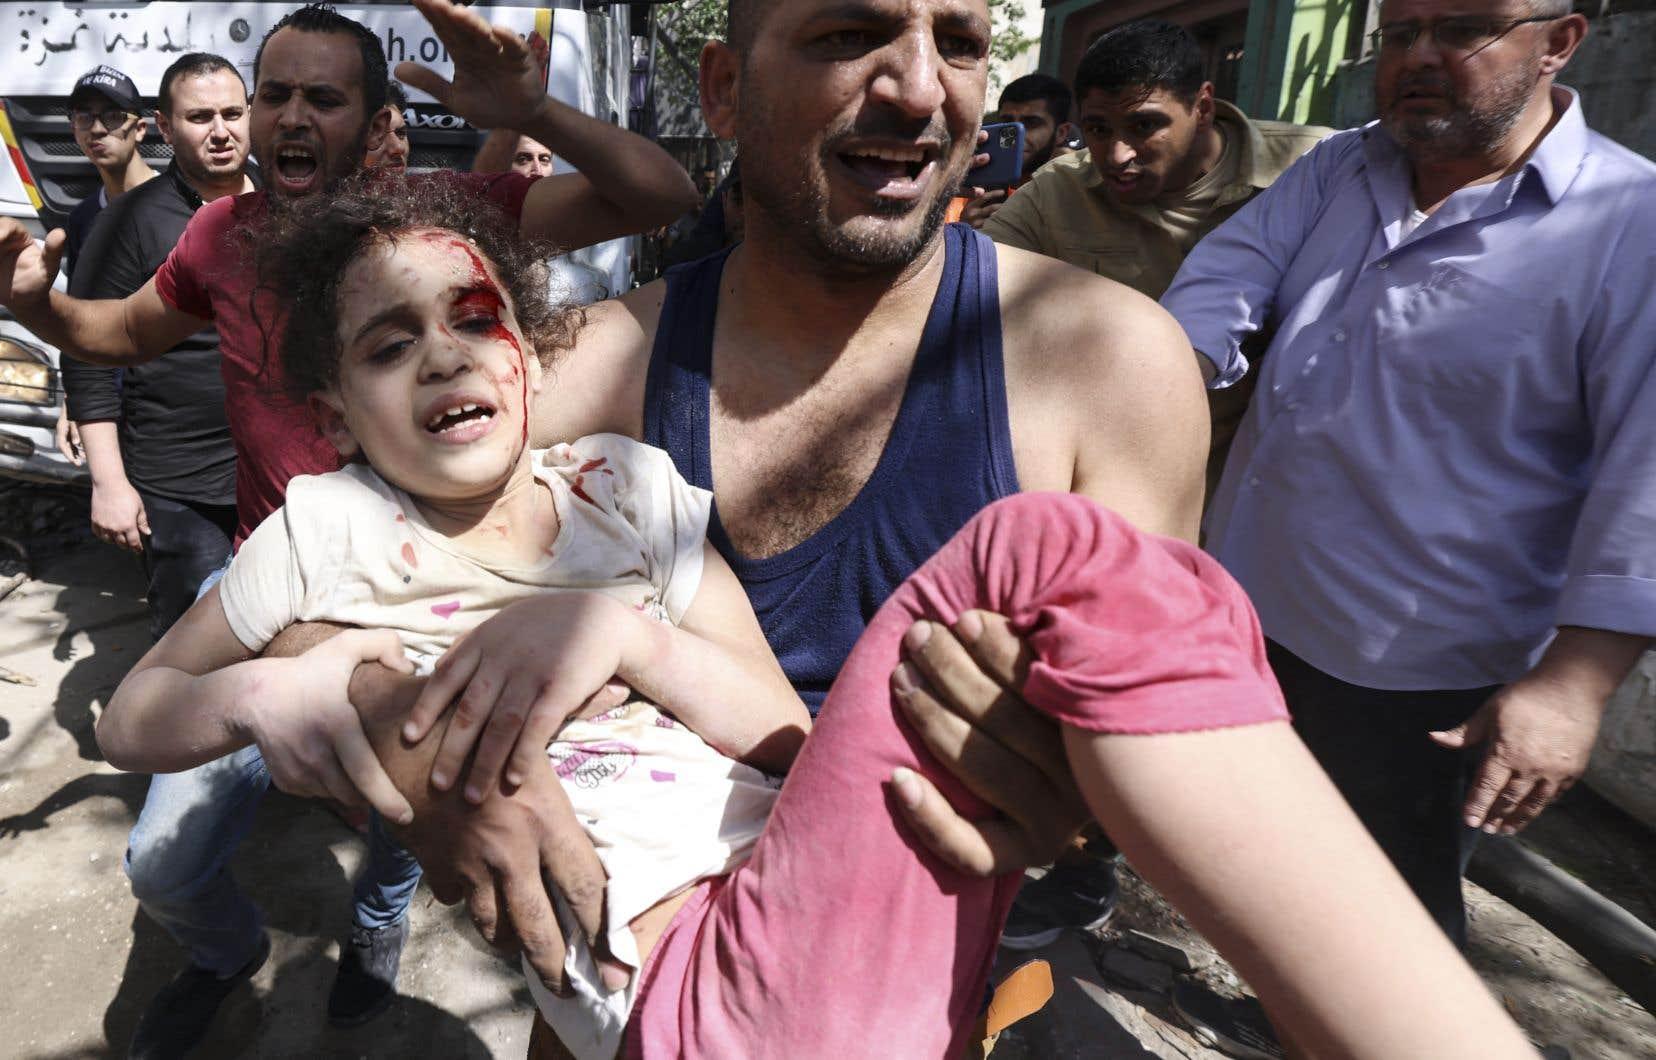 Un jeune Palestinienne blessée était évacuée dimanche après des frappes israéliennes dans le quartier résidentiel de Rimal, à Gaza.